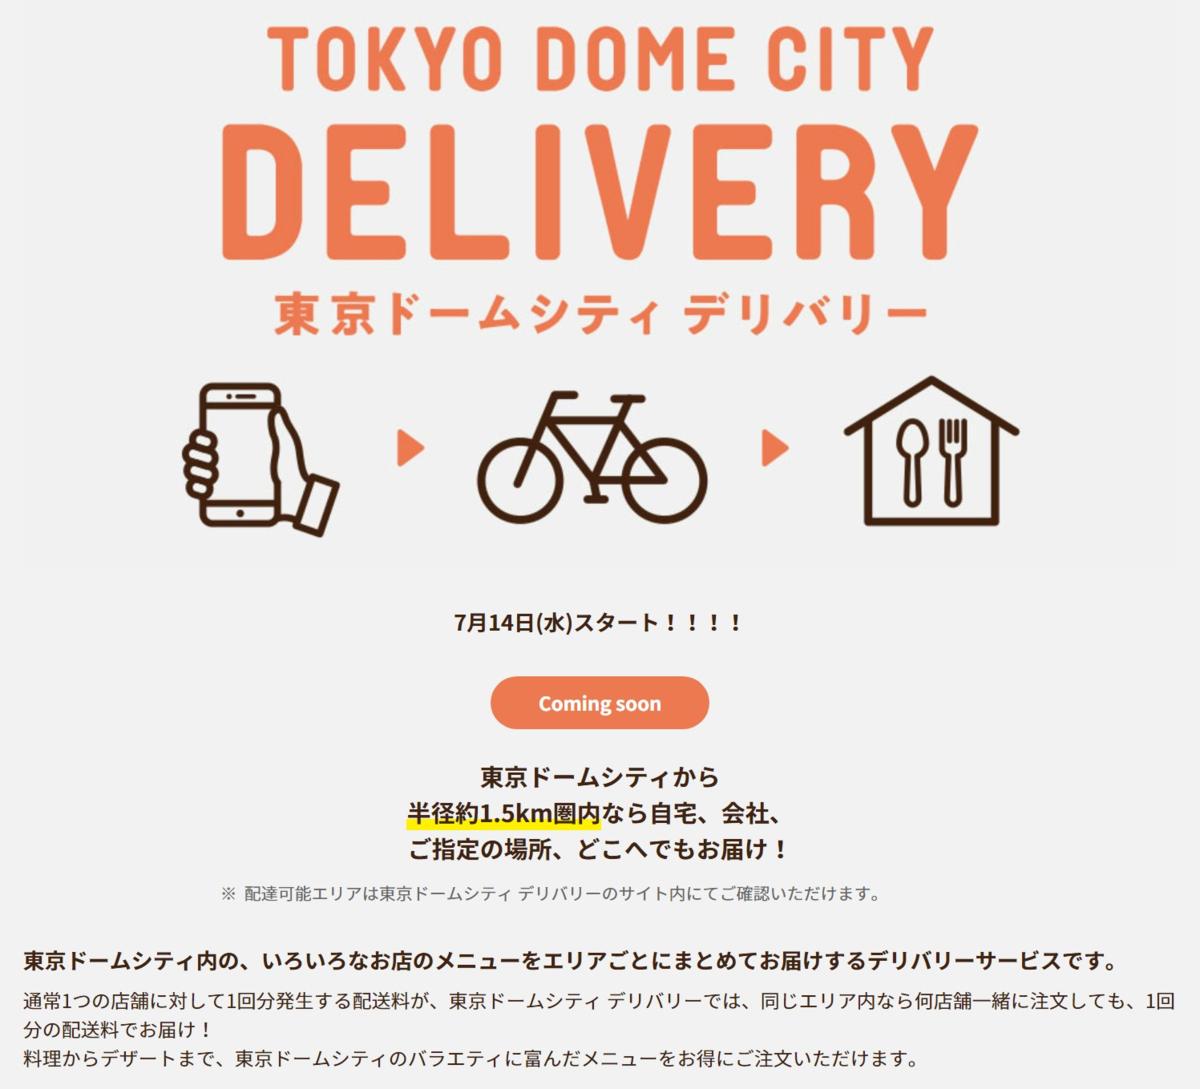 東京ドームシティデリバリー